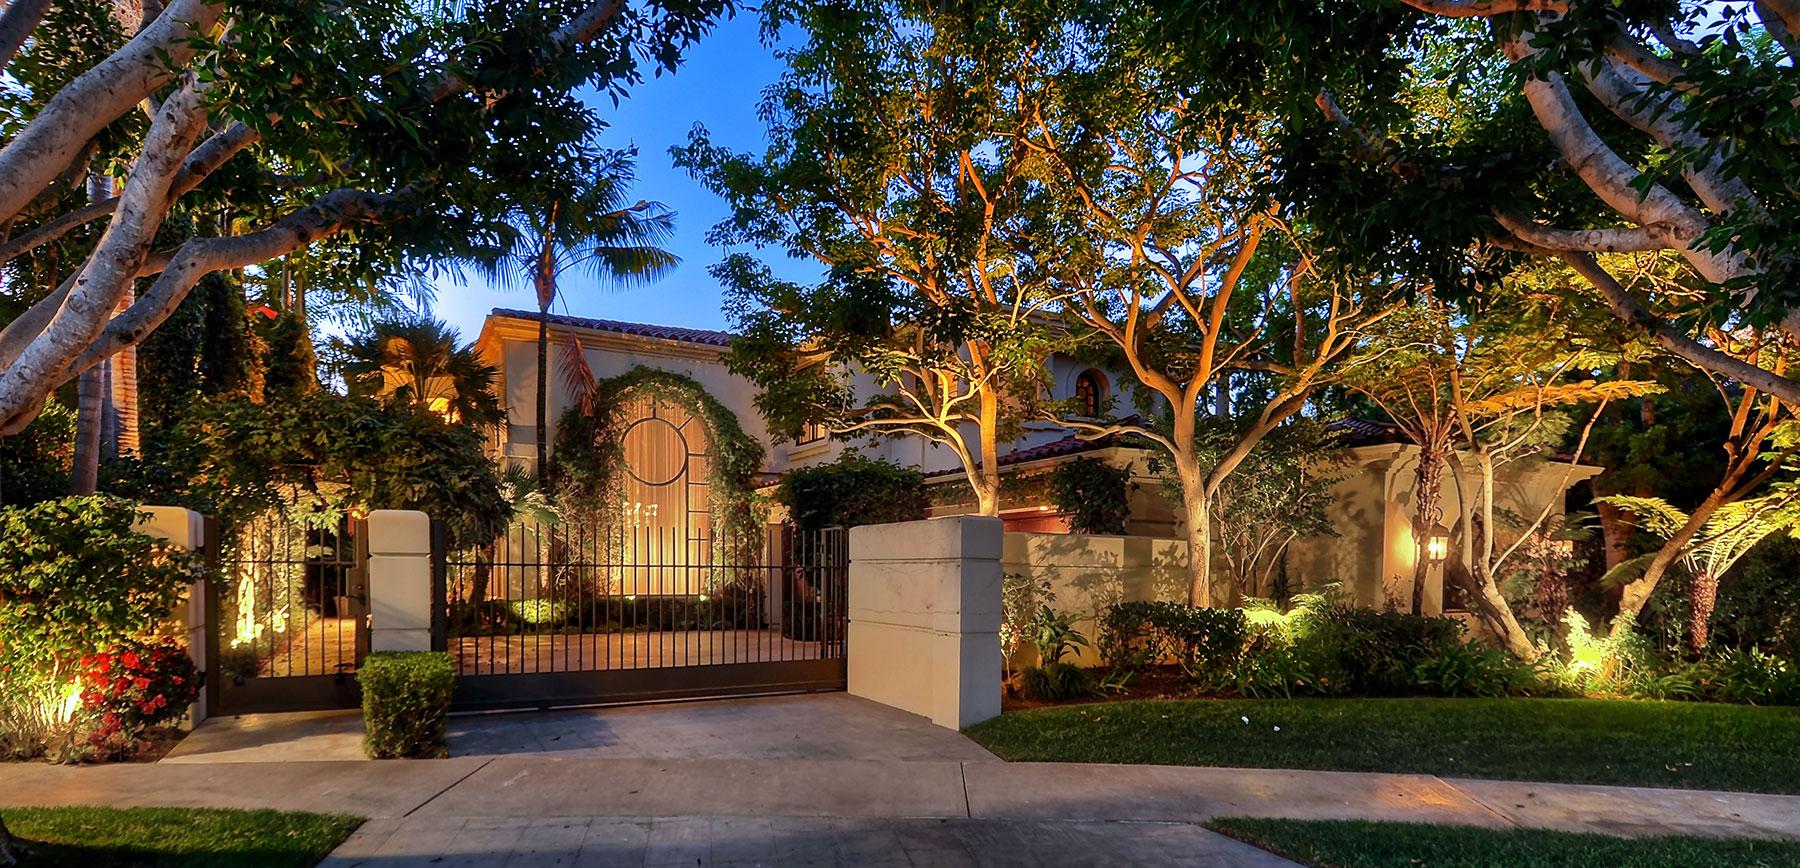 独户住宅 为 销售 在 1 Shoreline 纽波特比奇, 加利福尼亚州, 92657 美国